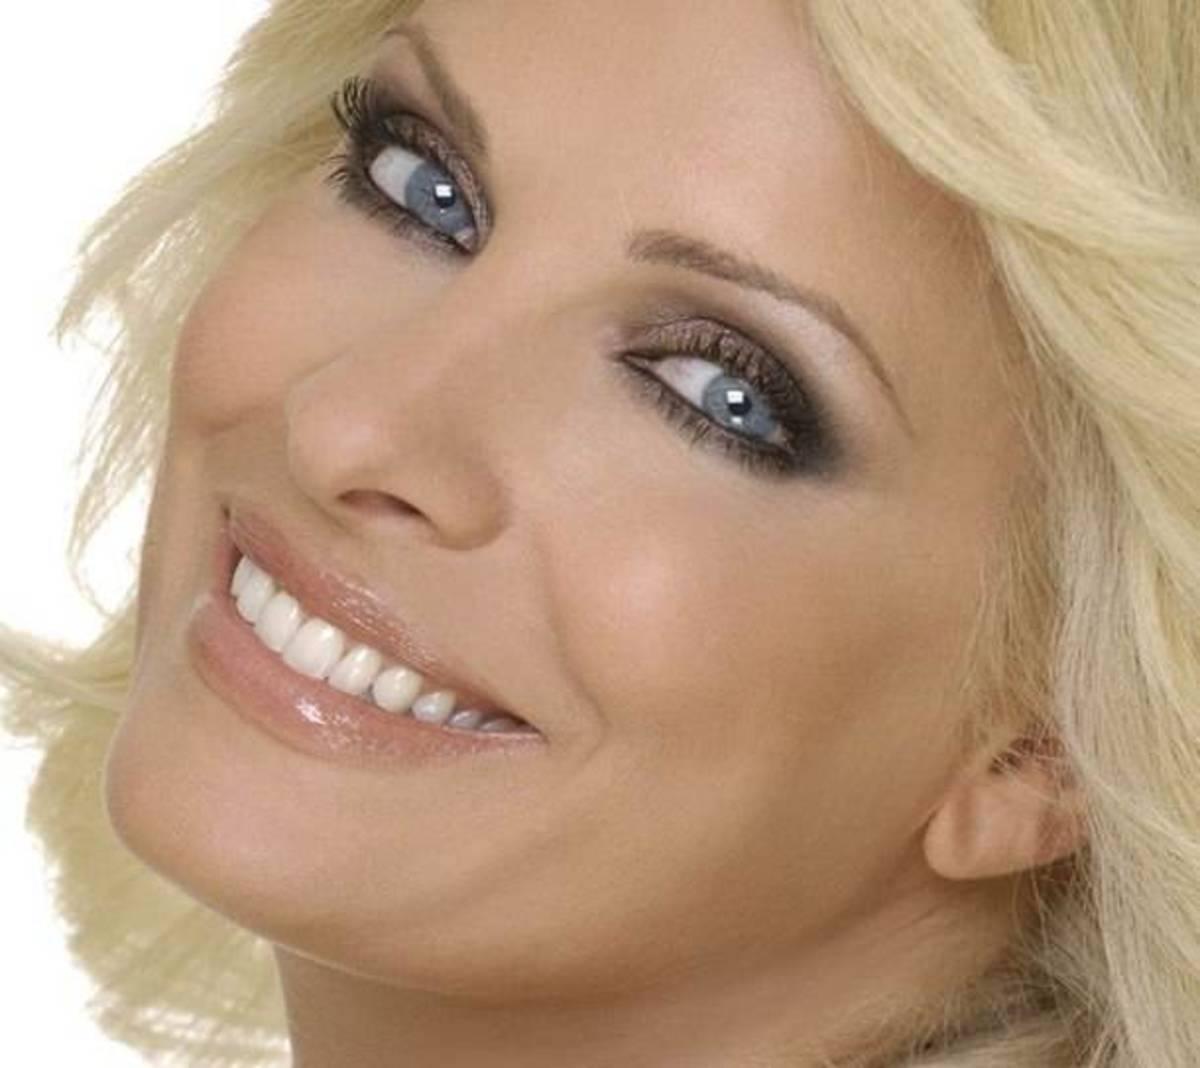 Σήμερα το καθοριστικό ραντεβού της Ελένης! Ποιοί μένουν, ποιοί φεύγουν | Newsit.gr